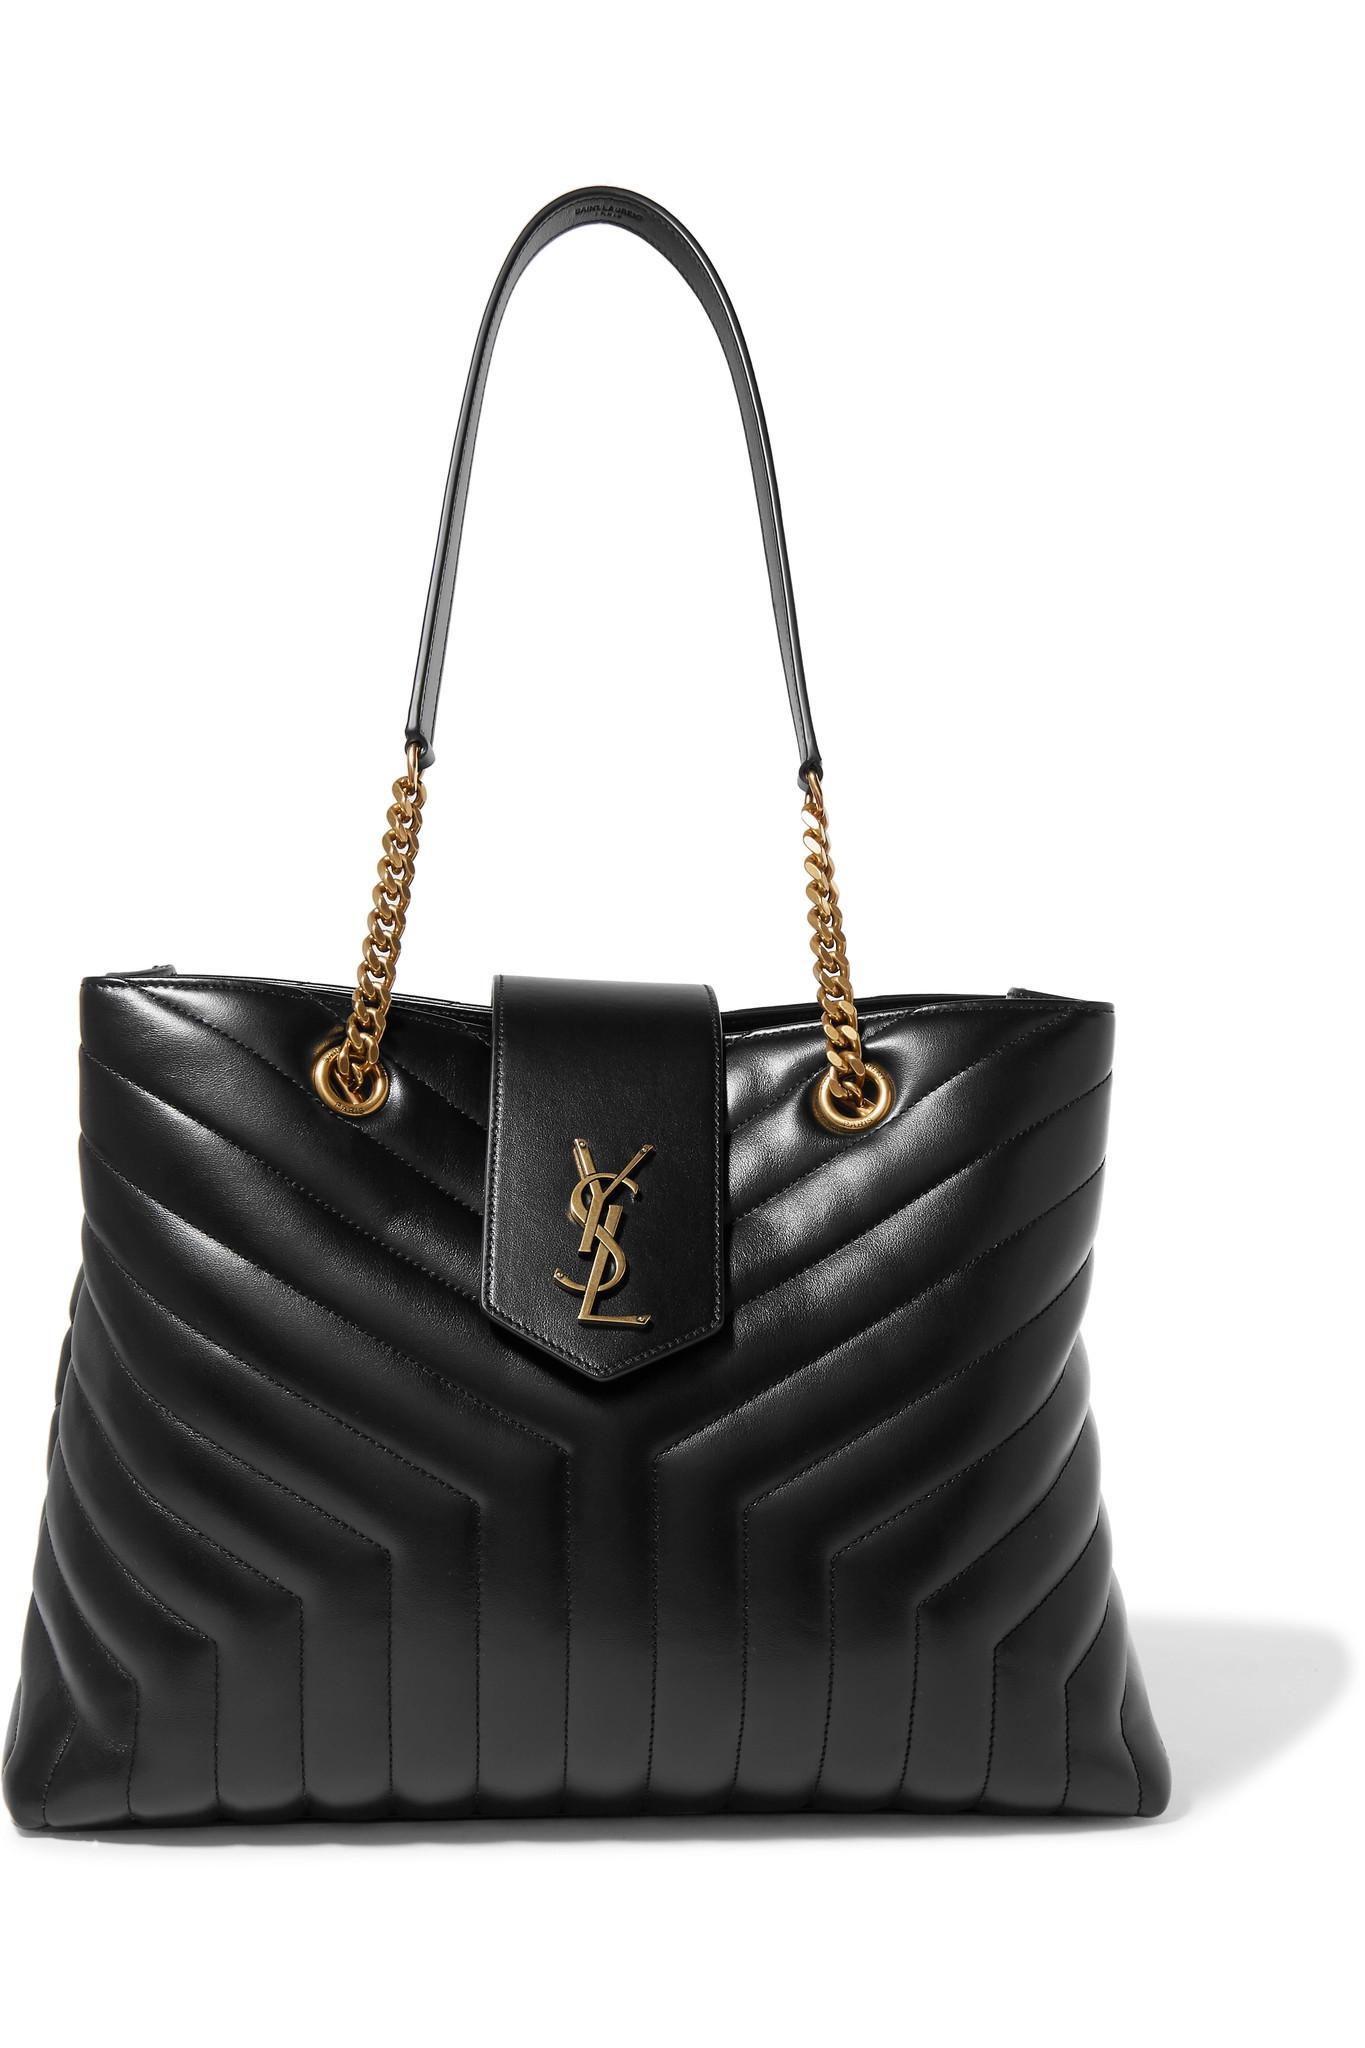 Lyst - Saint Laurent Loulou Large Quilted Leather Shoulder Bag in Black c1af4dd09b1b4